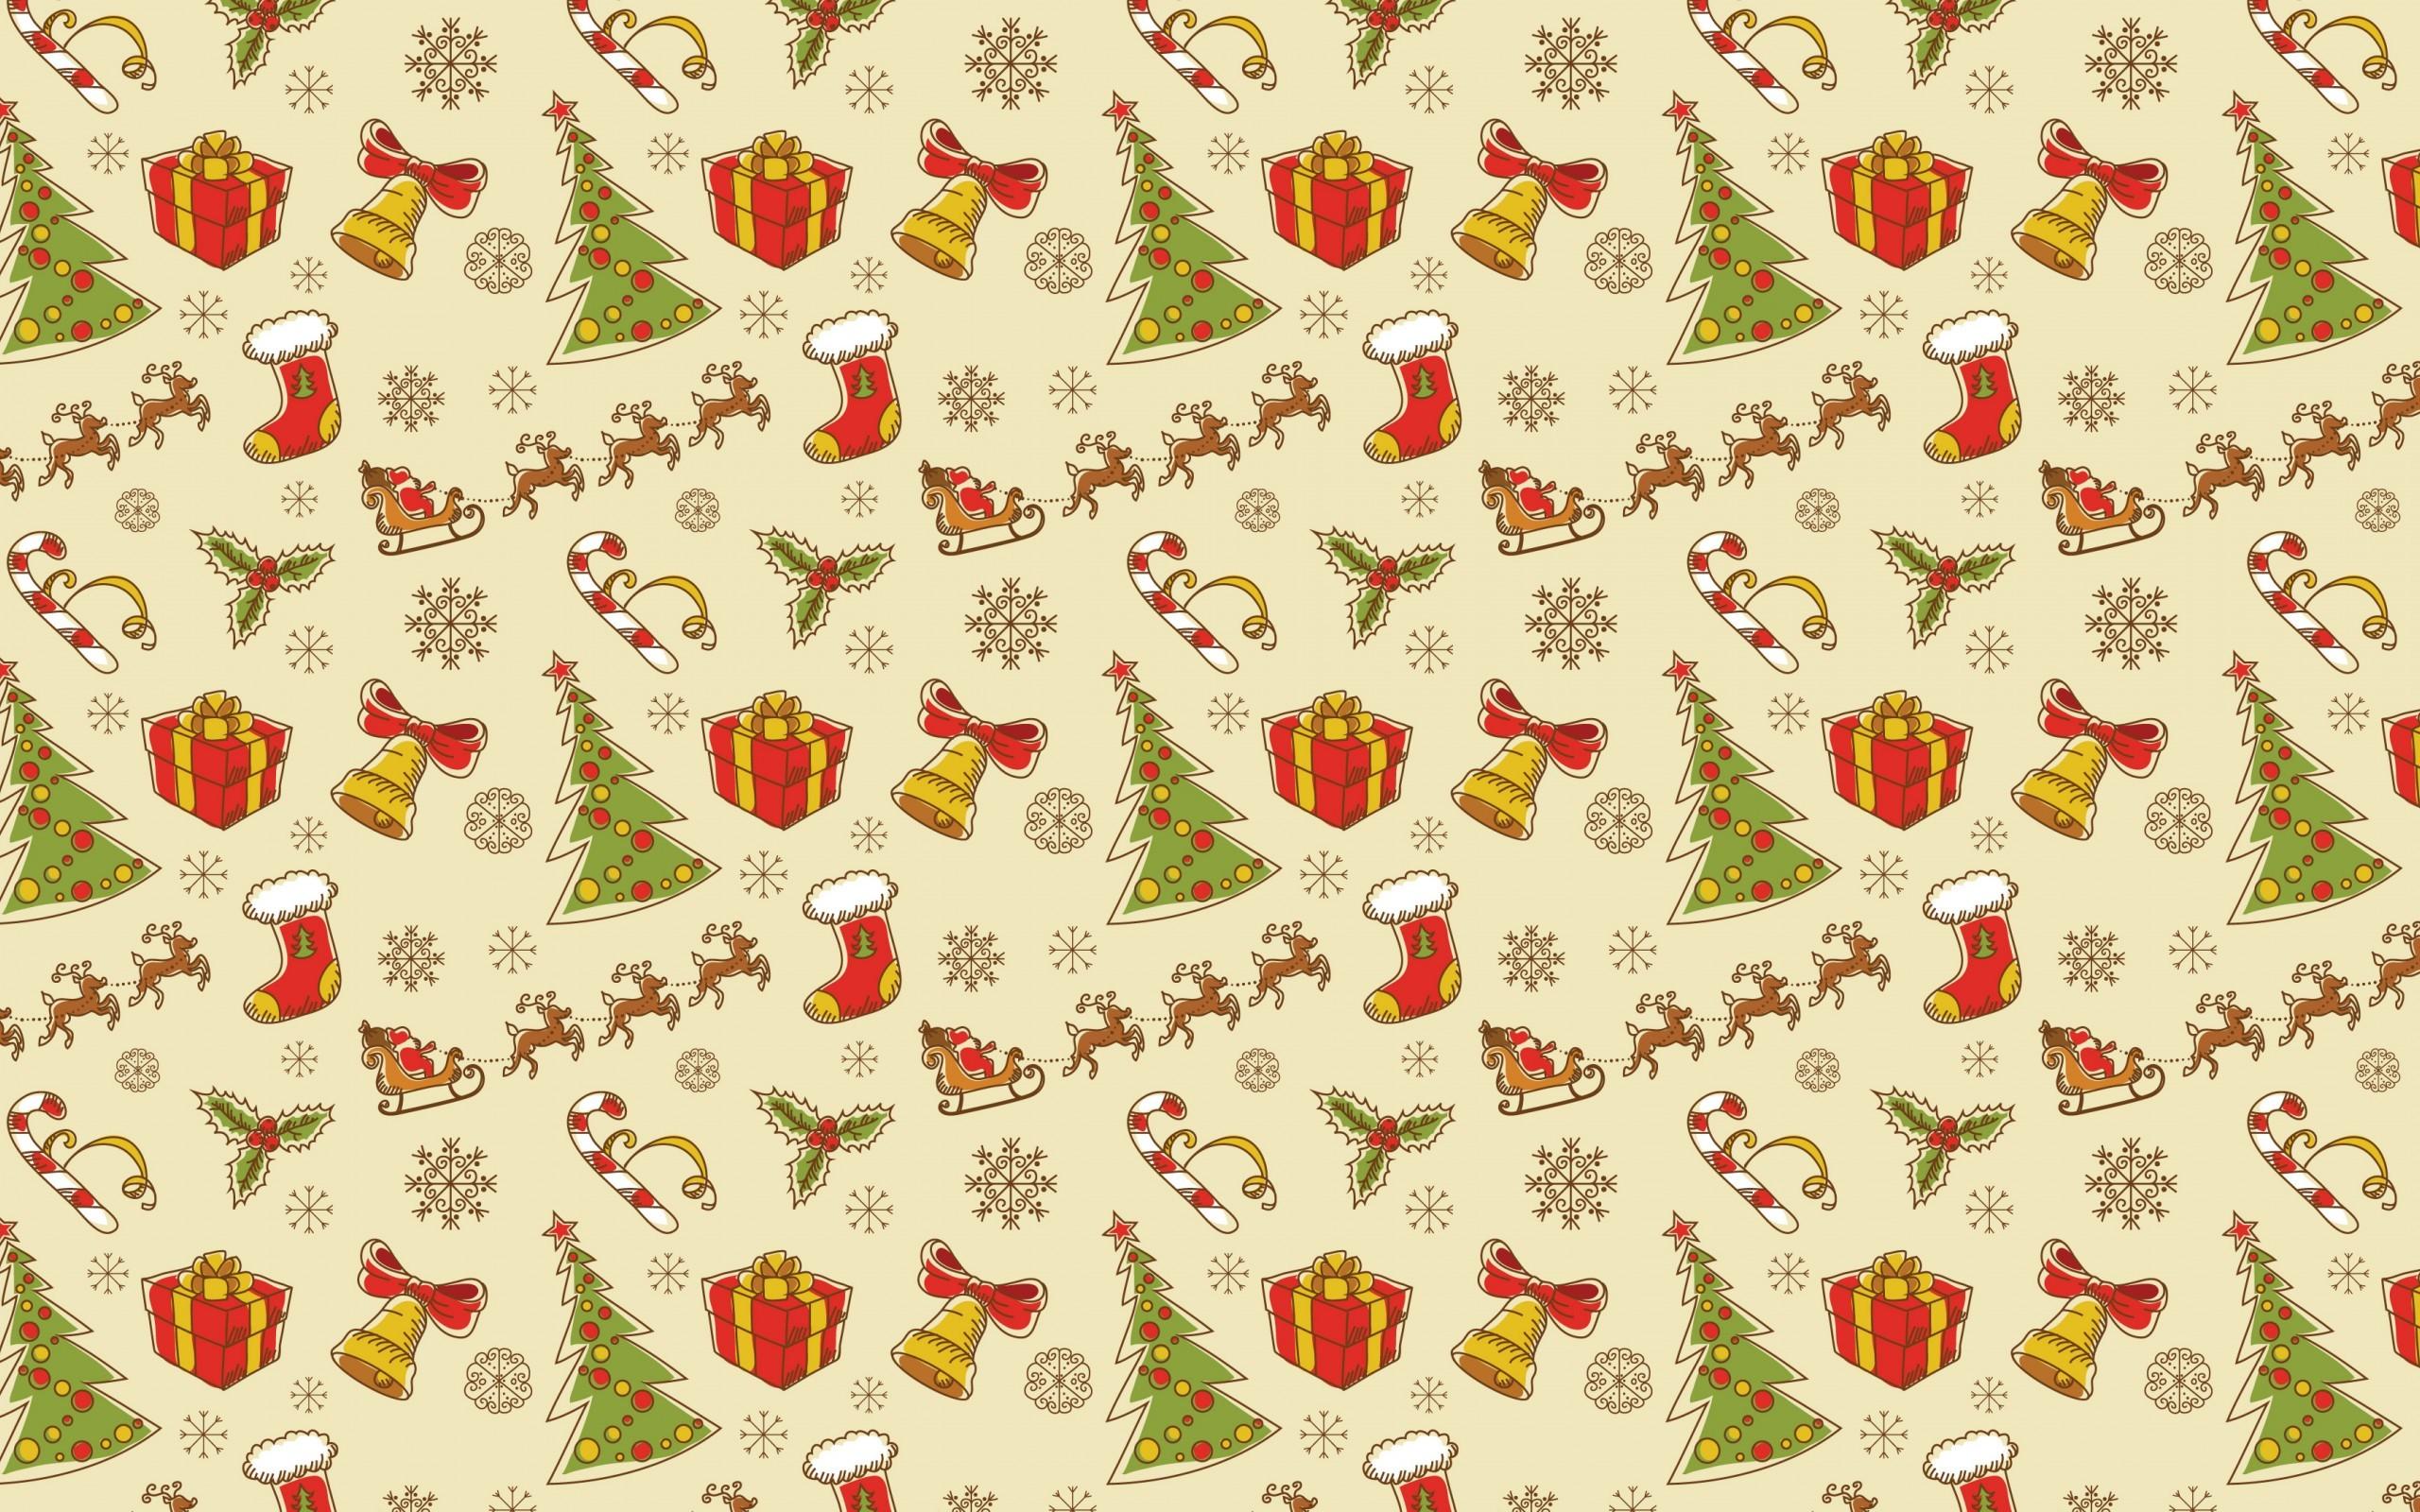 Hintergrundbilder : Gras, Ast, Muster, Kreis, Weihnachten, Neujahr ...